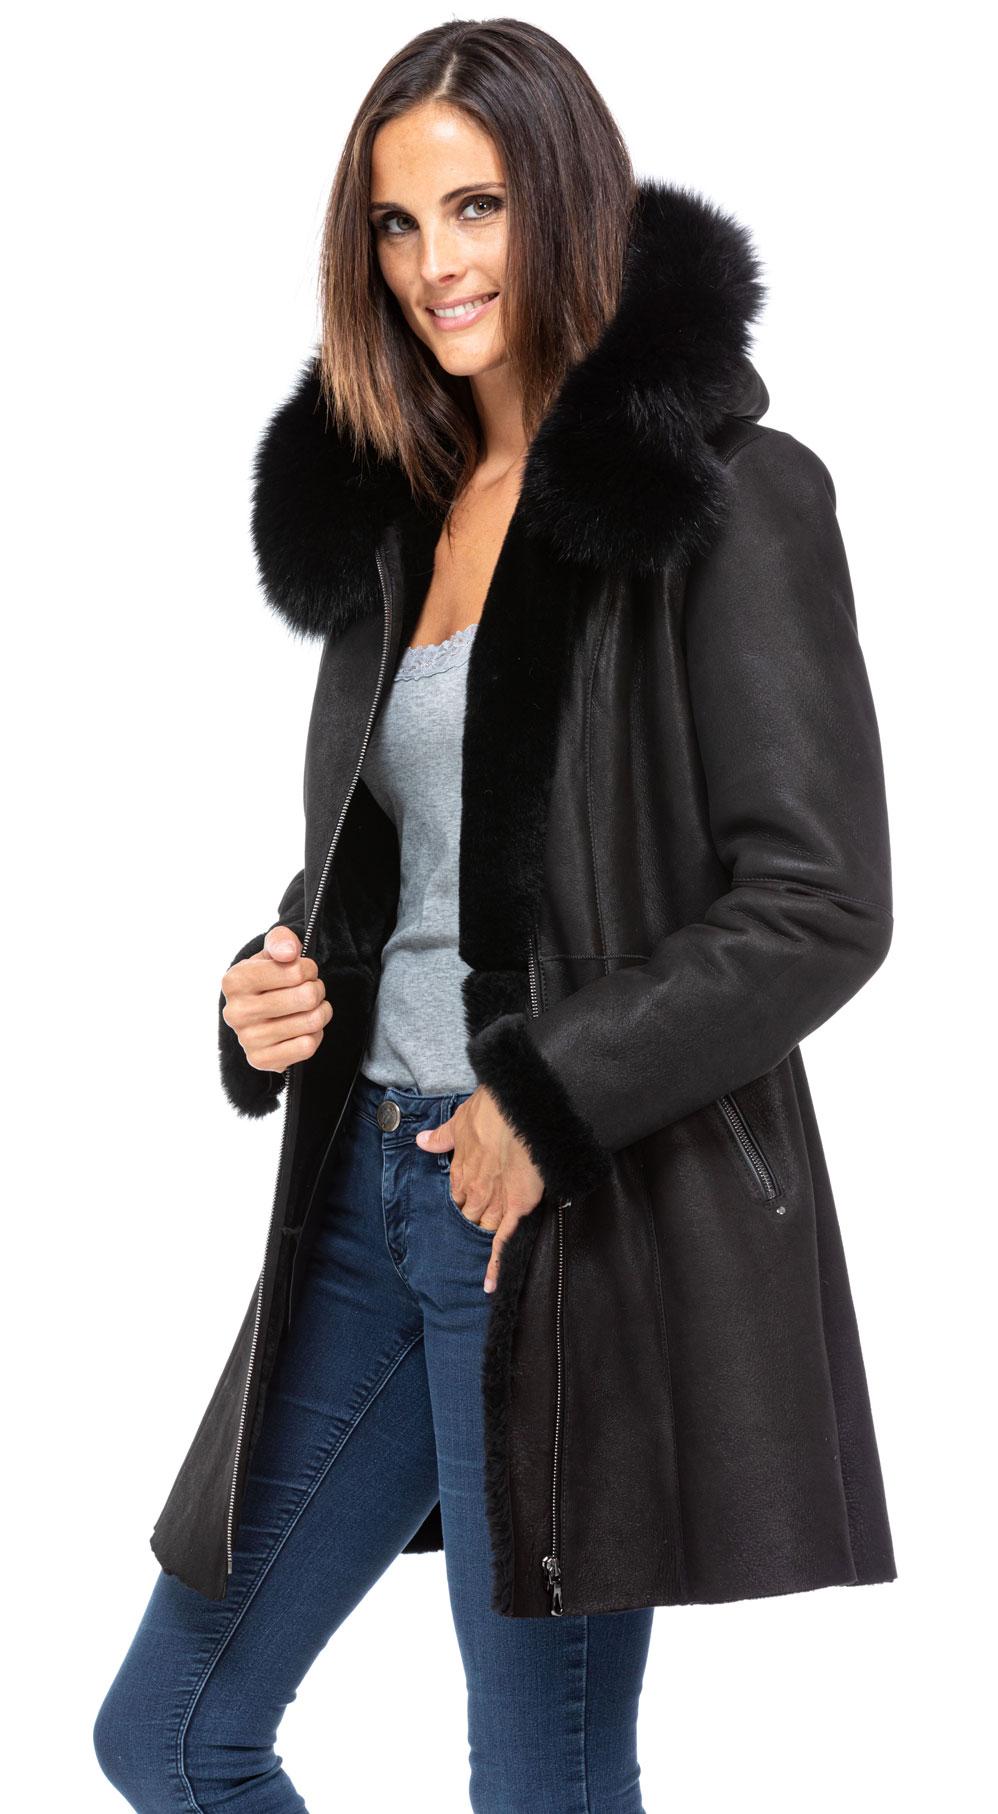 Manteaux cuir en cuir mouton ref napoli gen19 noir noir